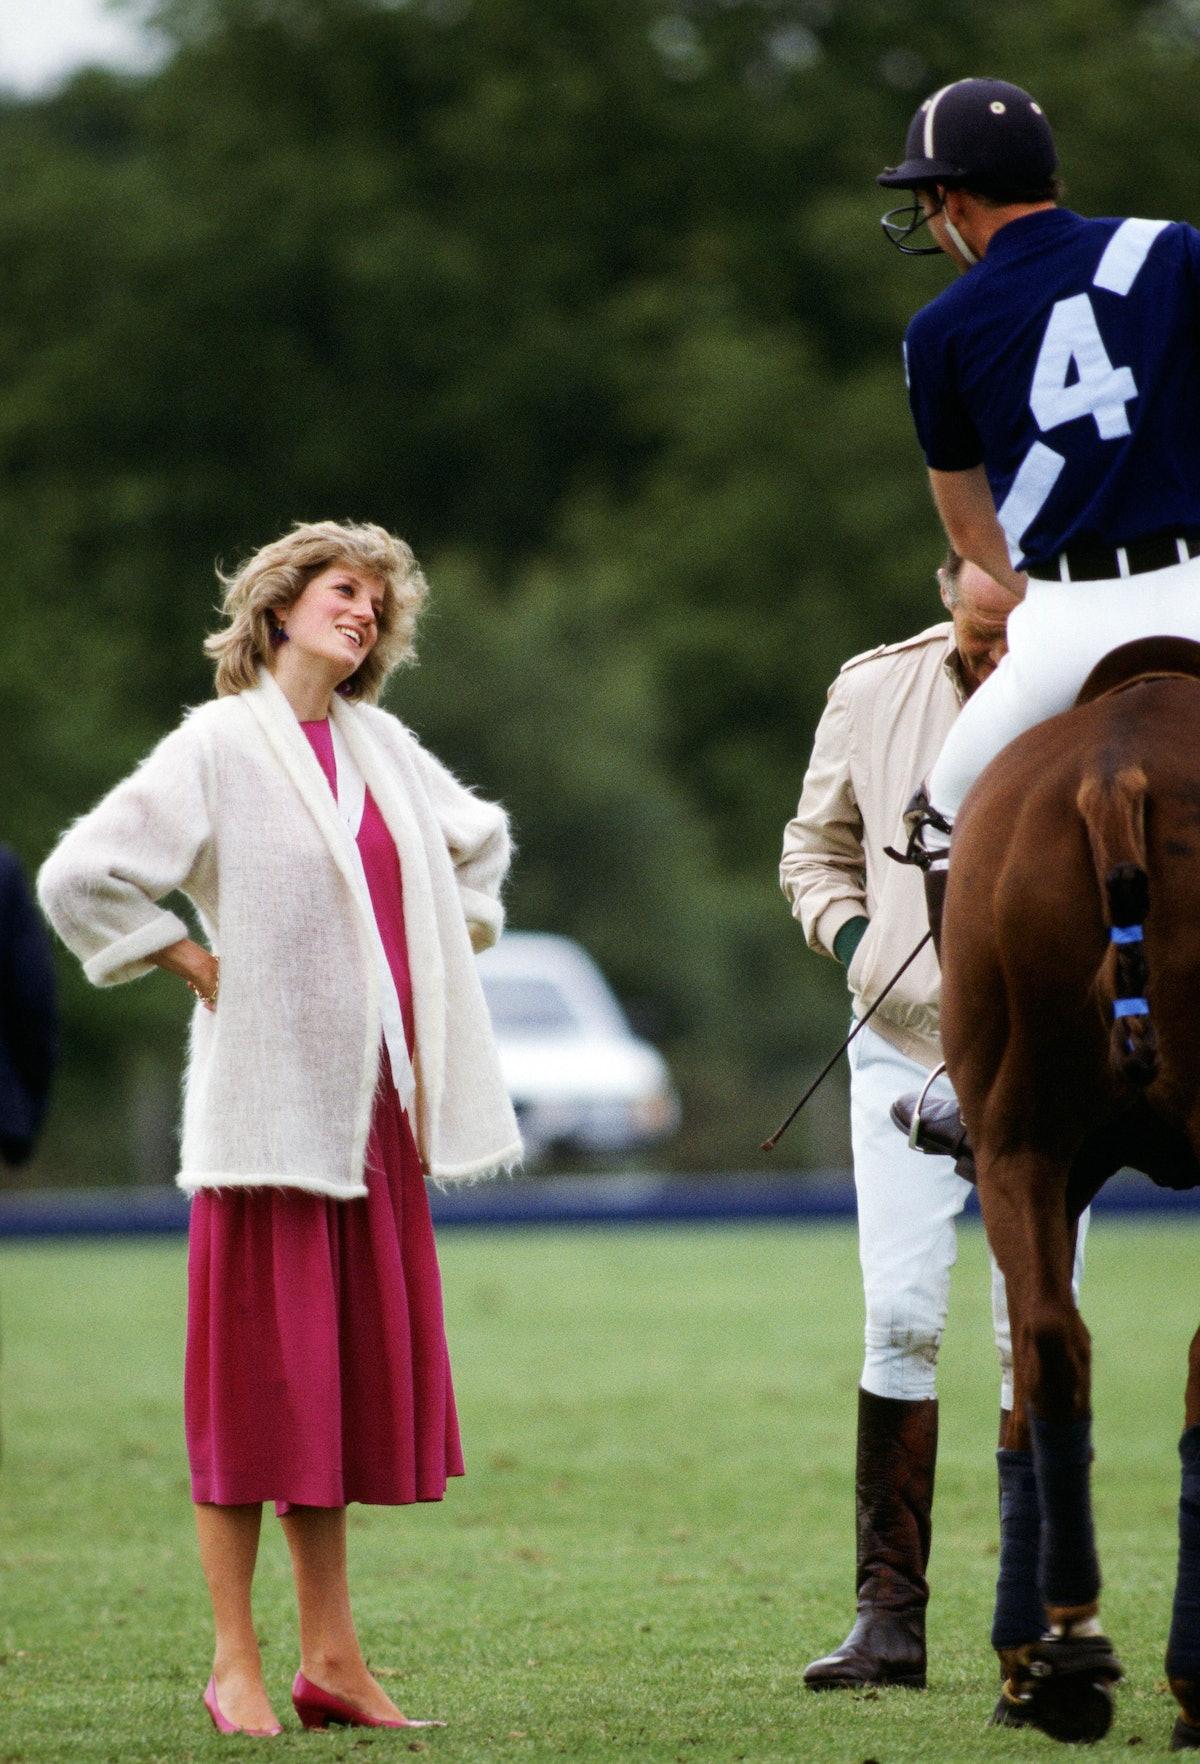 Princess Diana smiling up at Charles